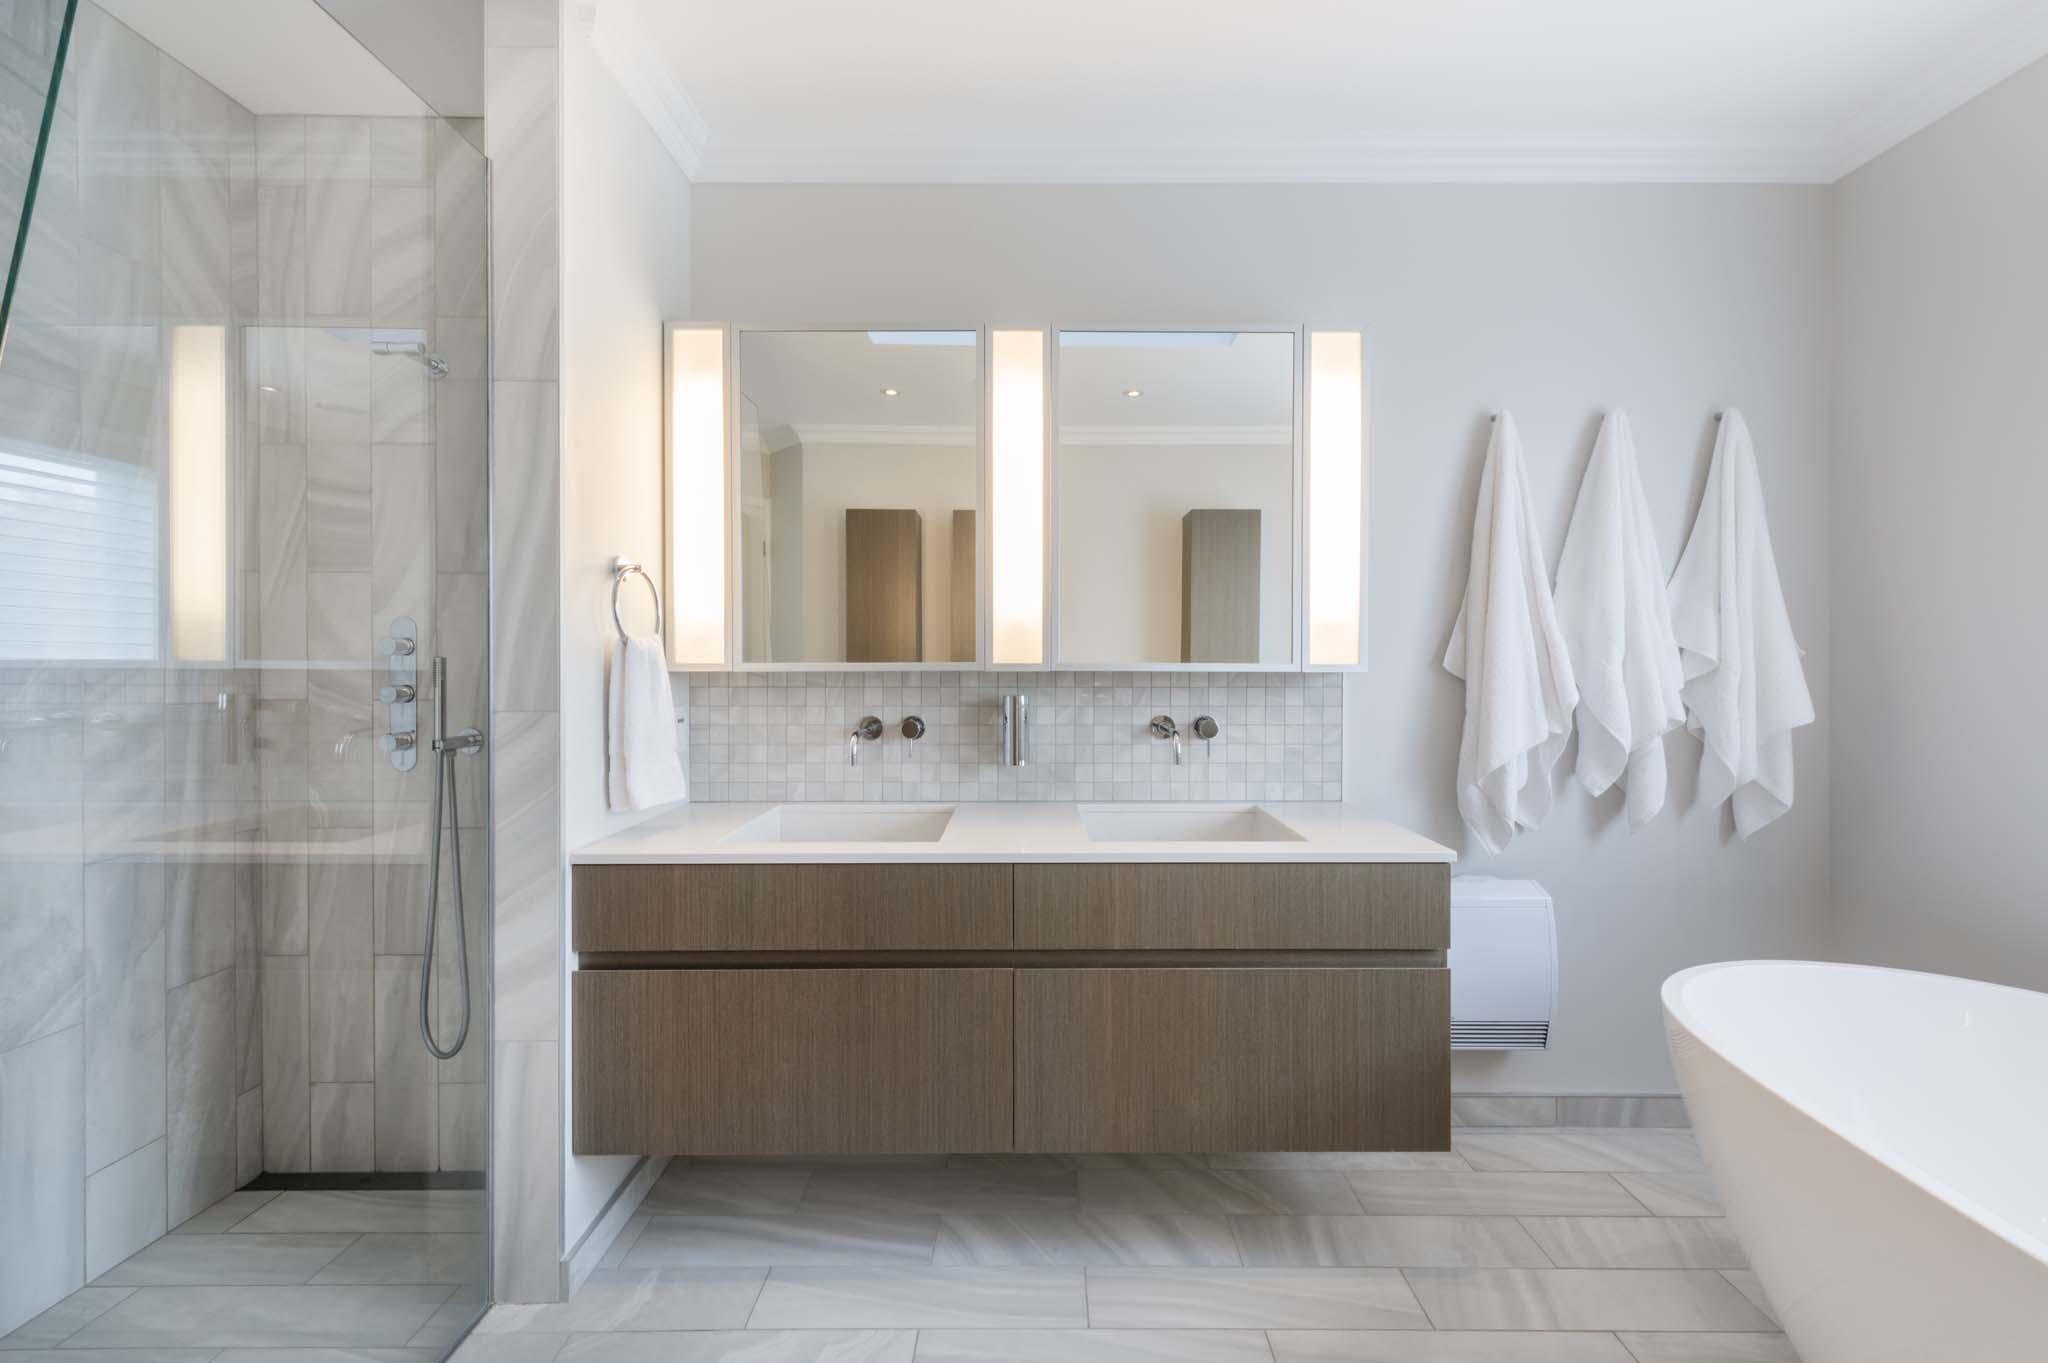 comptoir salle de bain vanite